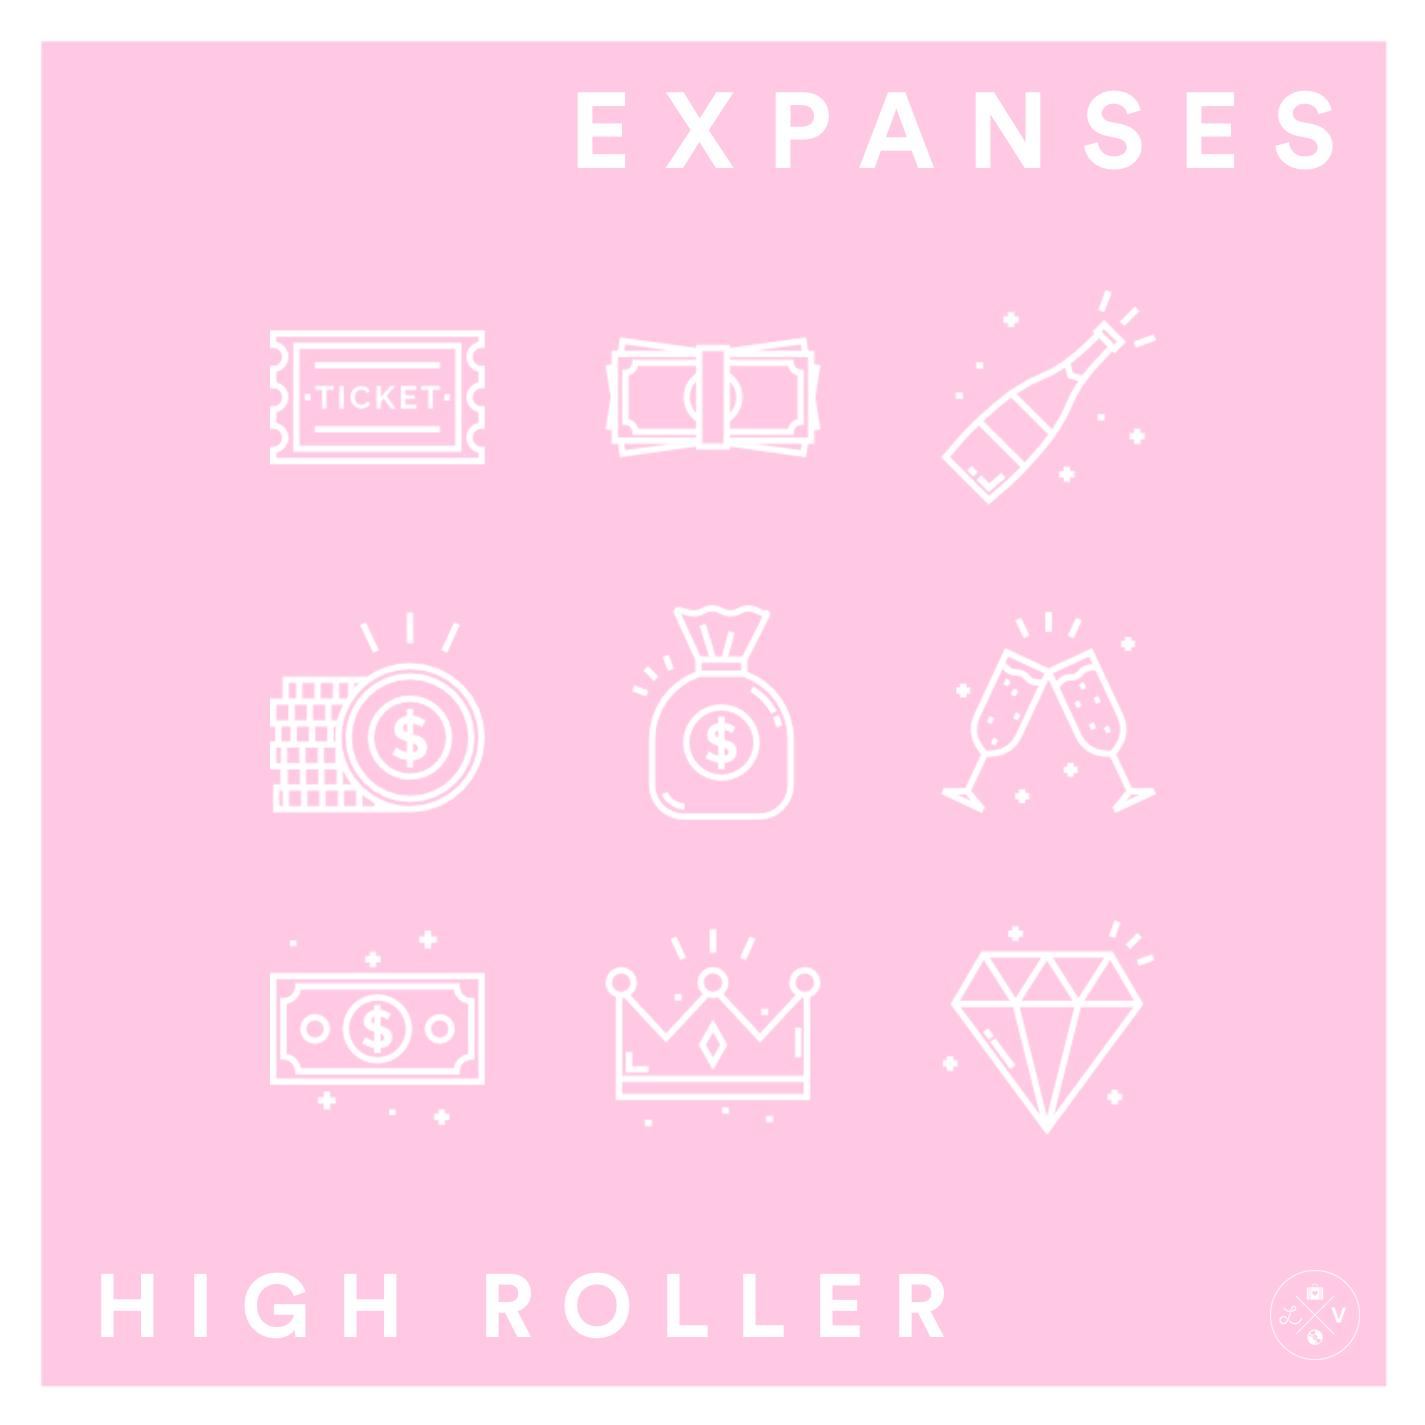 Expanses - High Roller.jpg